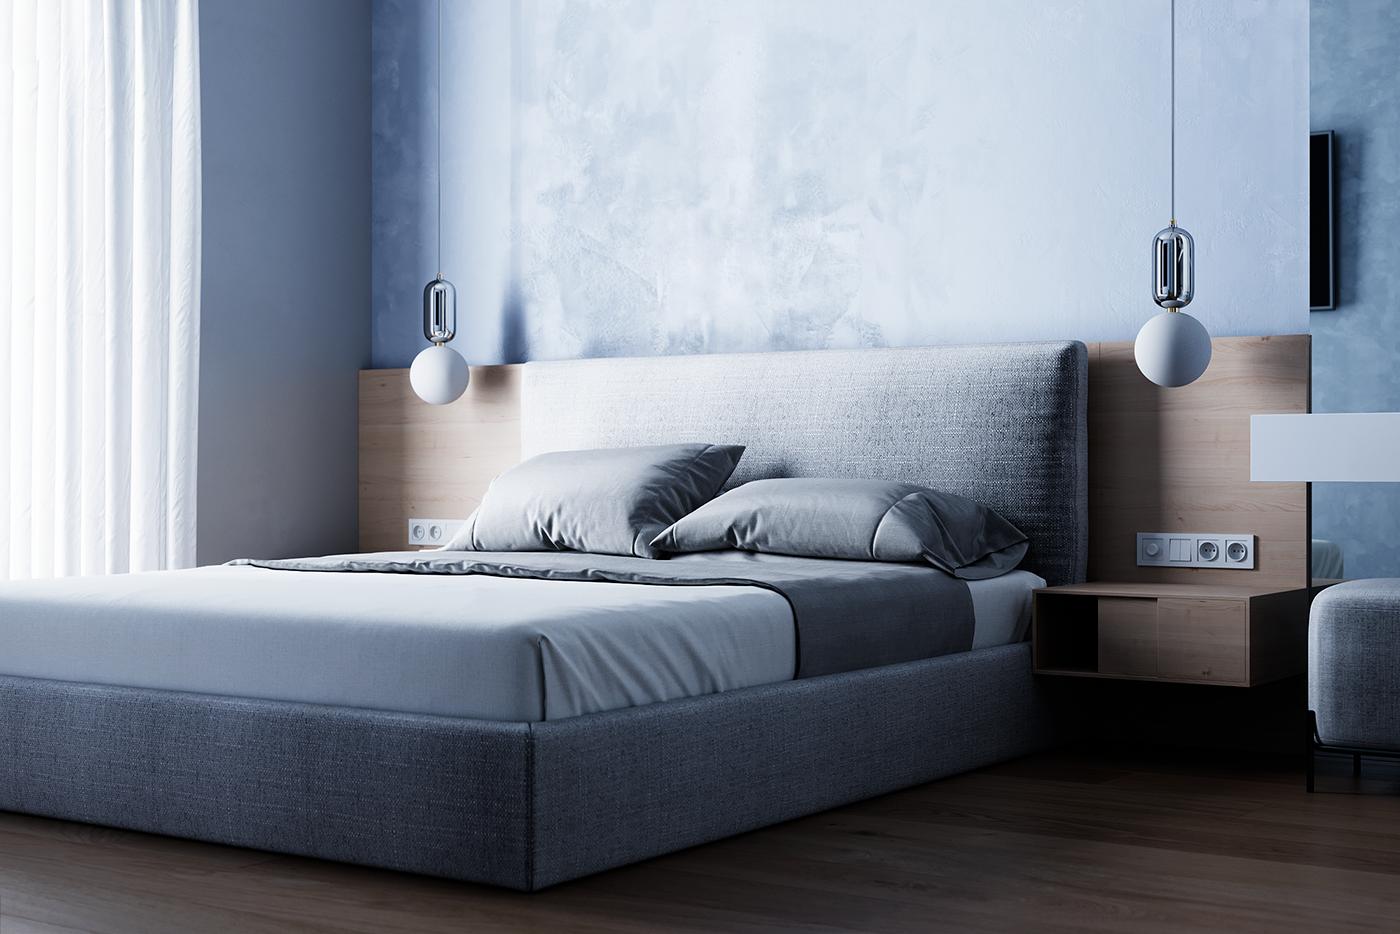 細緻的44款臥室設計欣賞